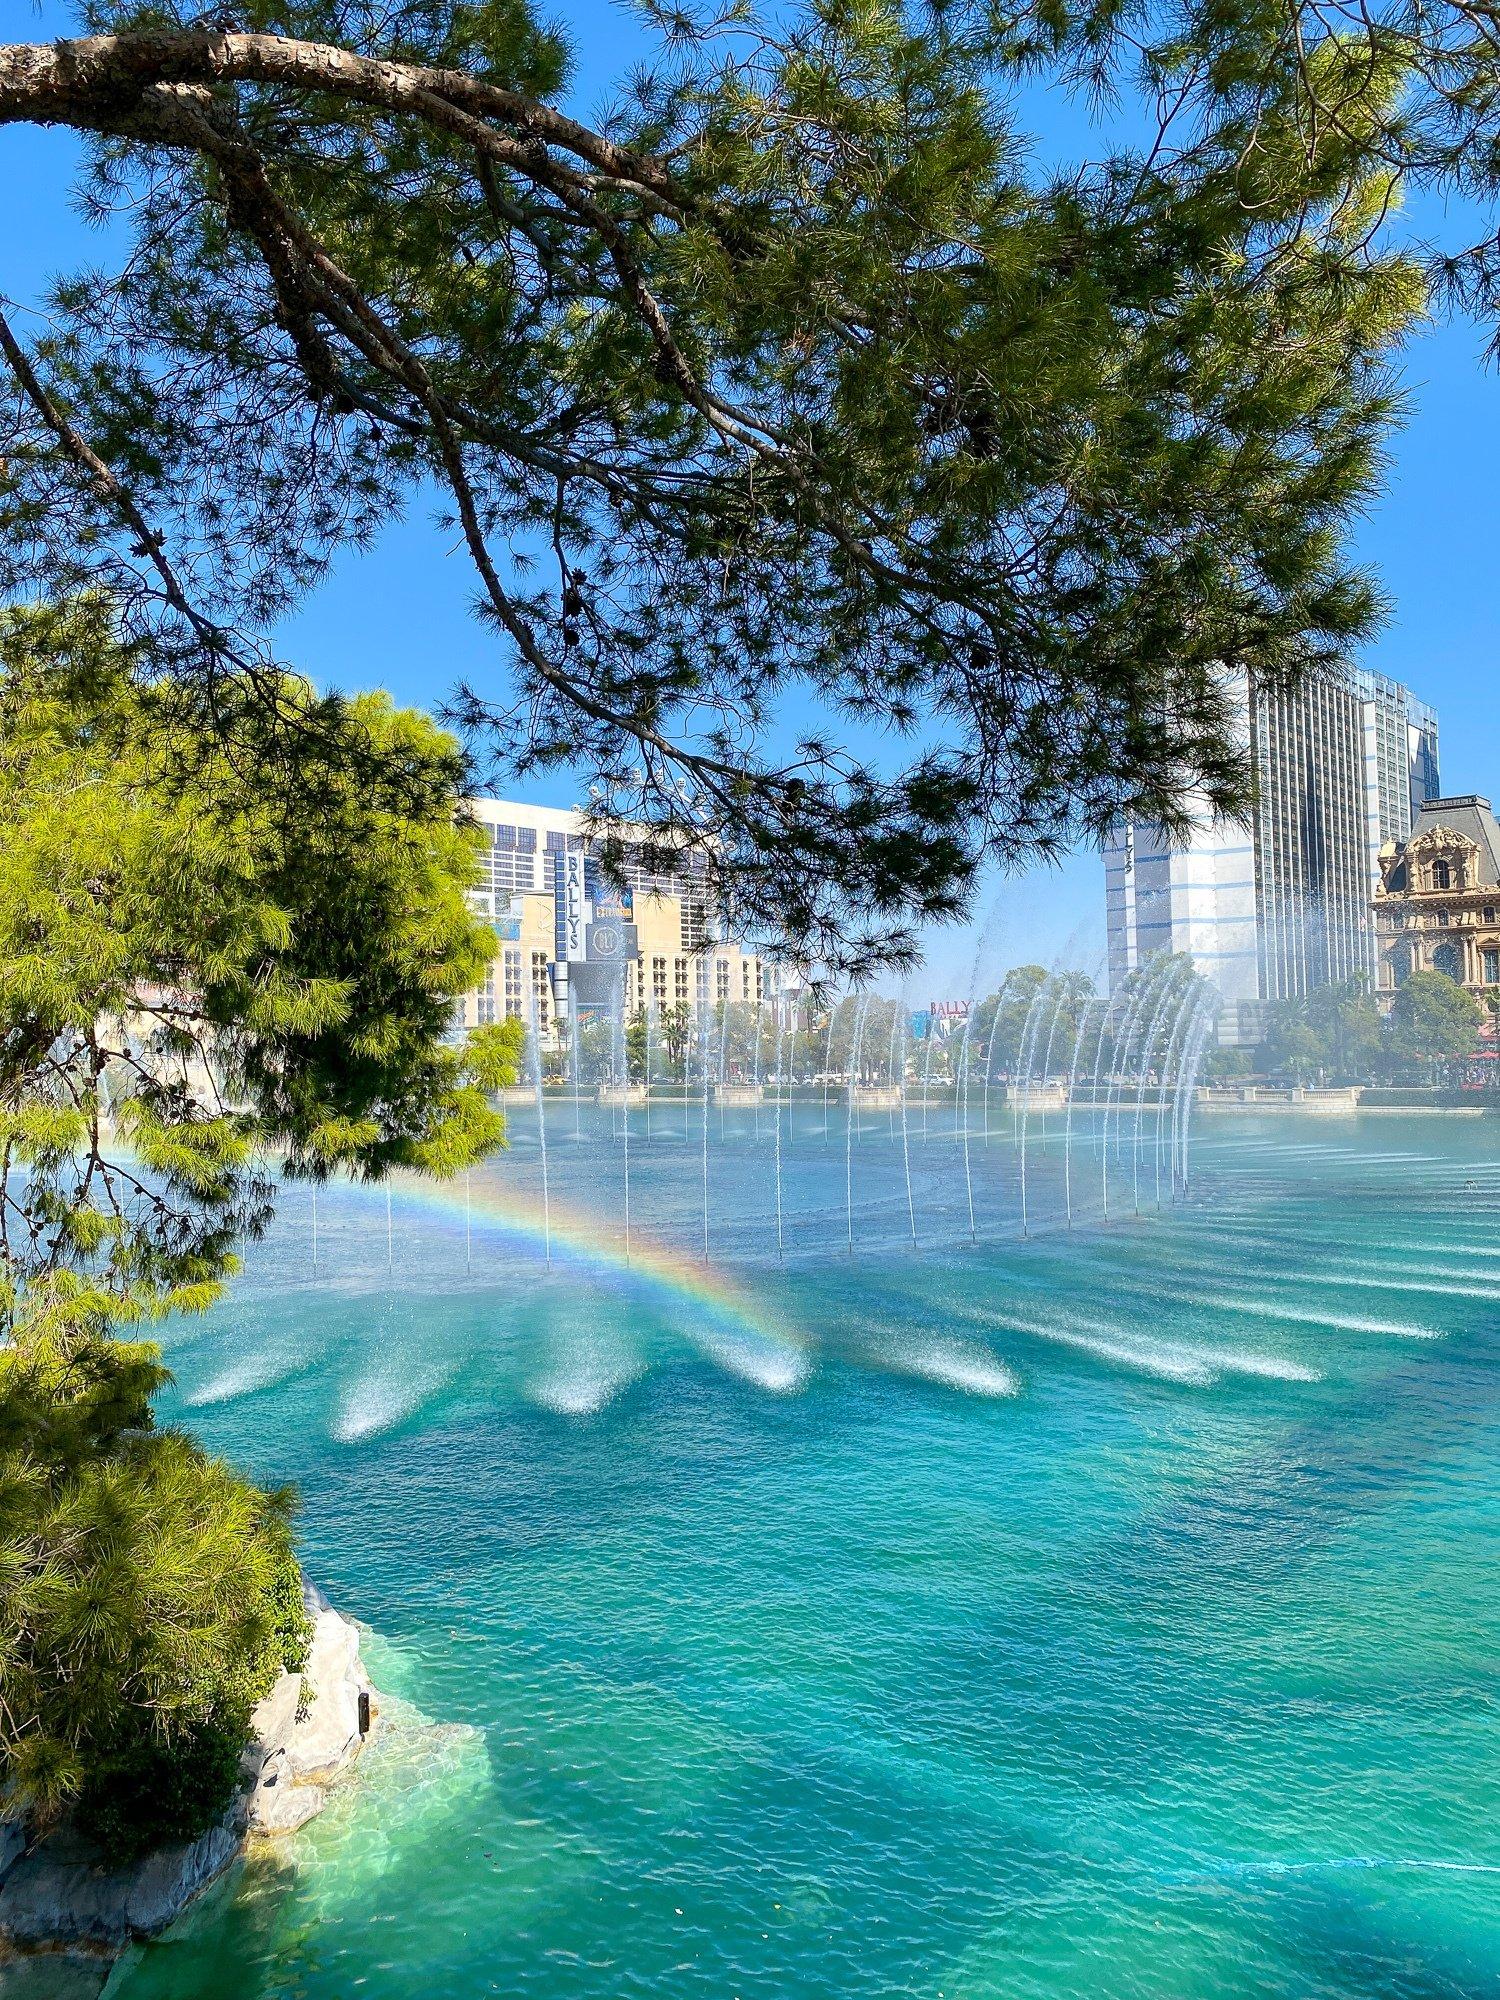 Fountains of Bellagio on the Las Vegas Strip